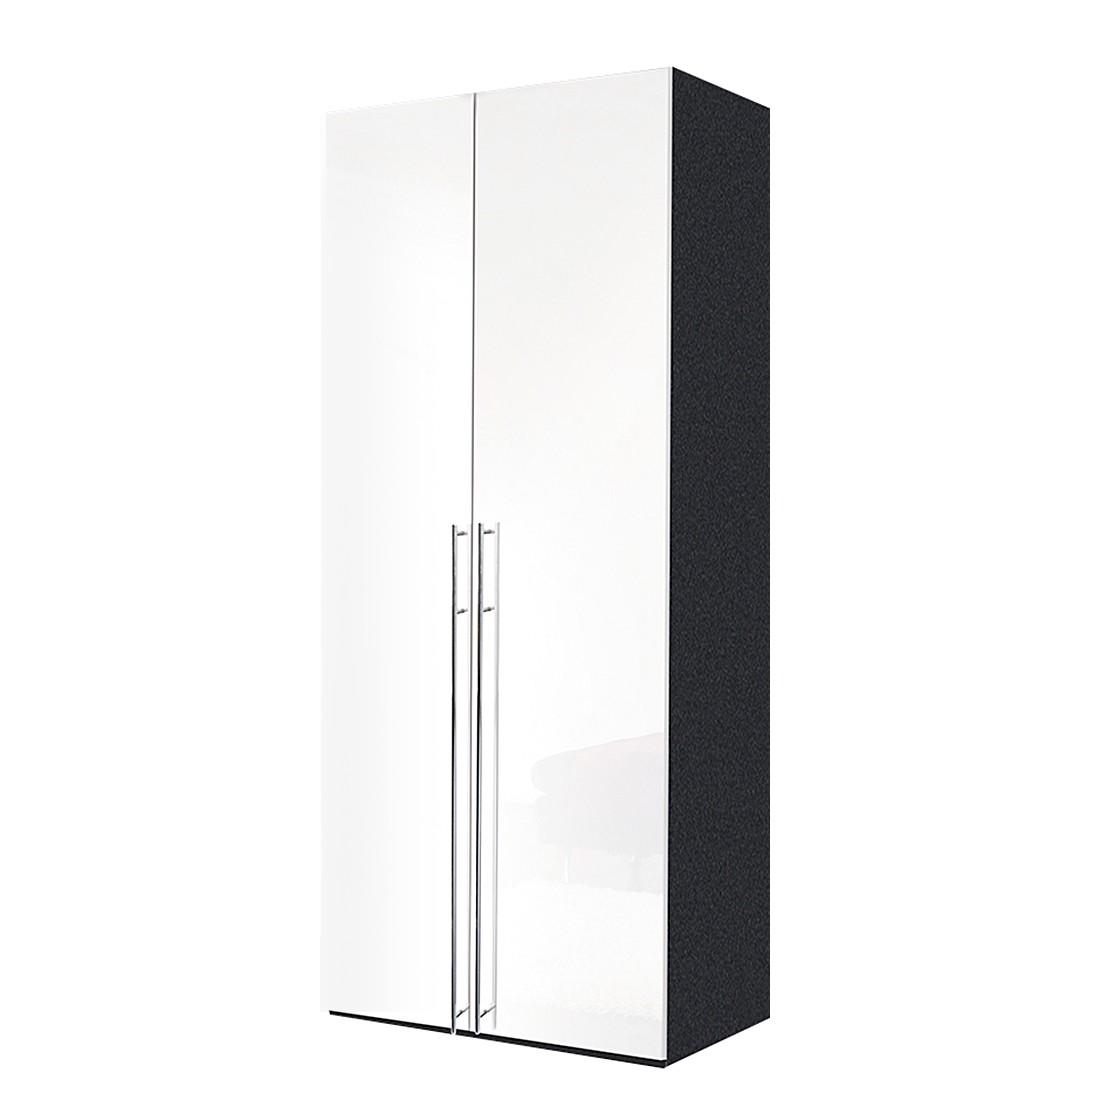 Armoire à portes battantes Brooklyn XI - Gris graphite / Vernis blanc - 100 cm (2 portes) - 216 cm,